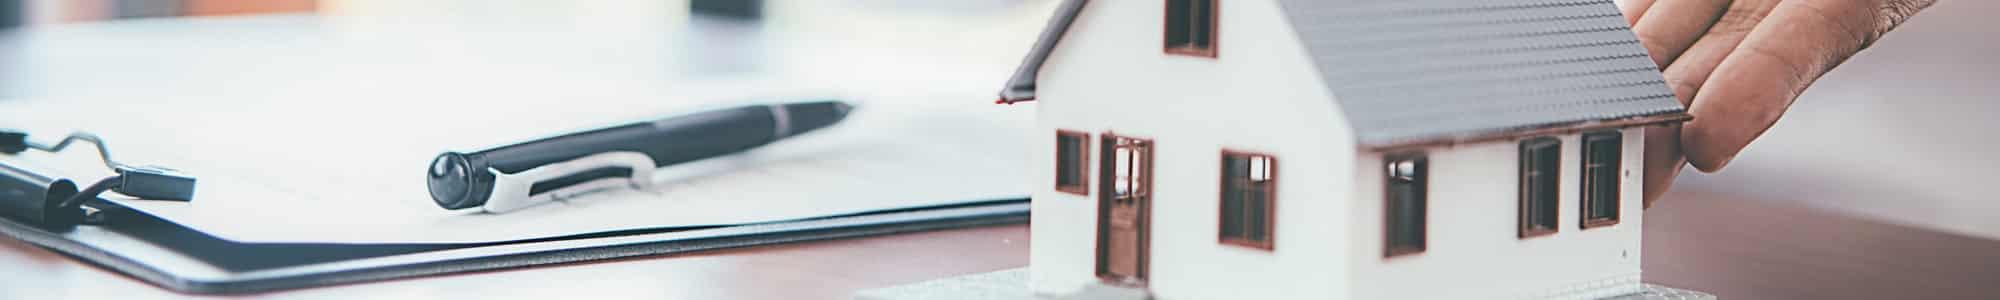 Haus, Schlüssel